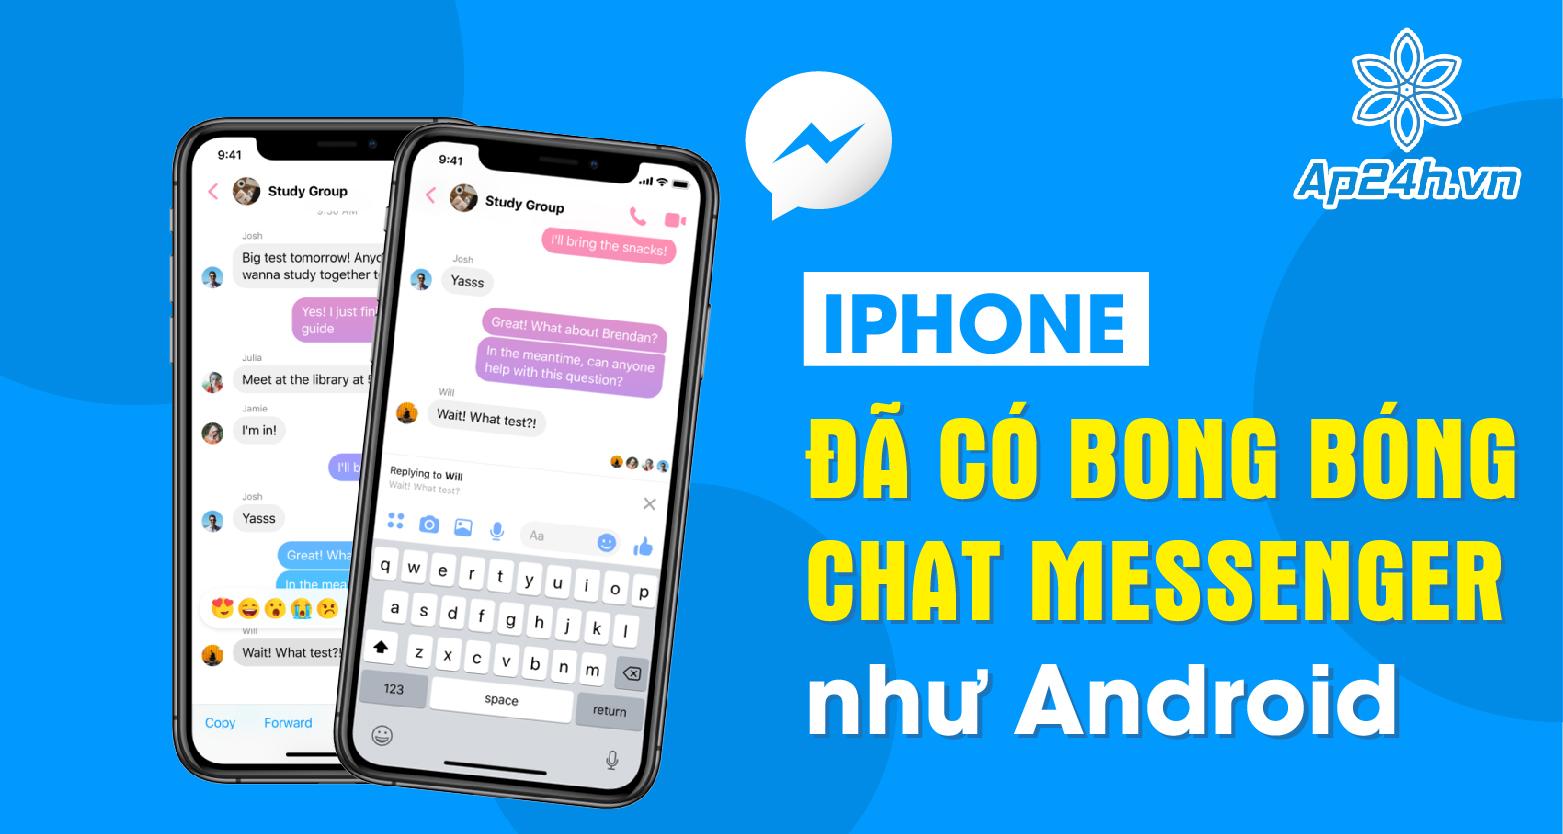 Bong bóng chat Messenger trên iPhone